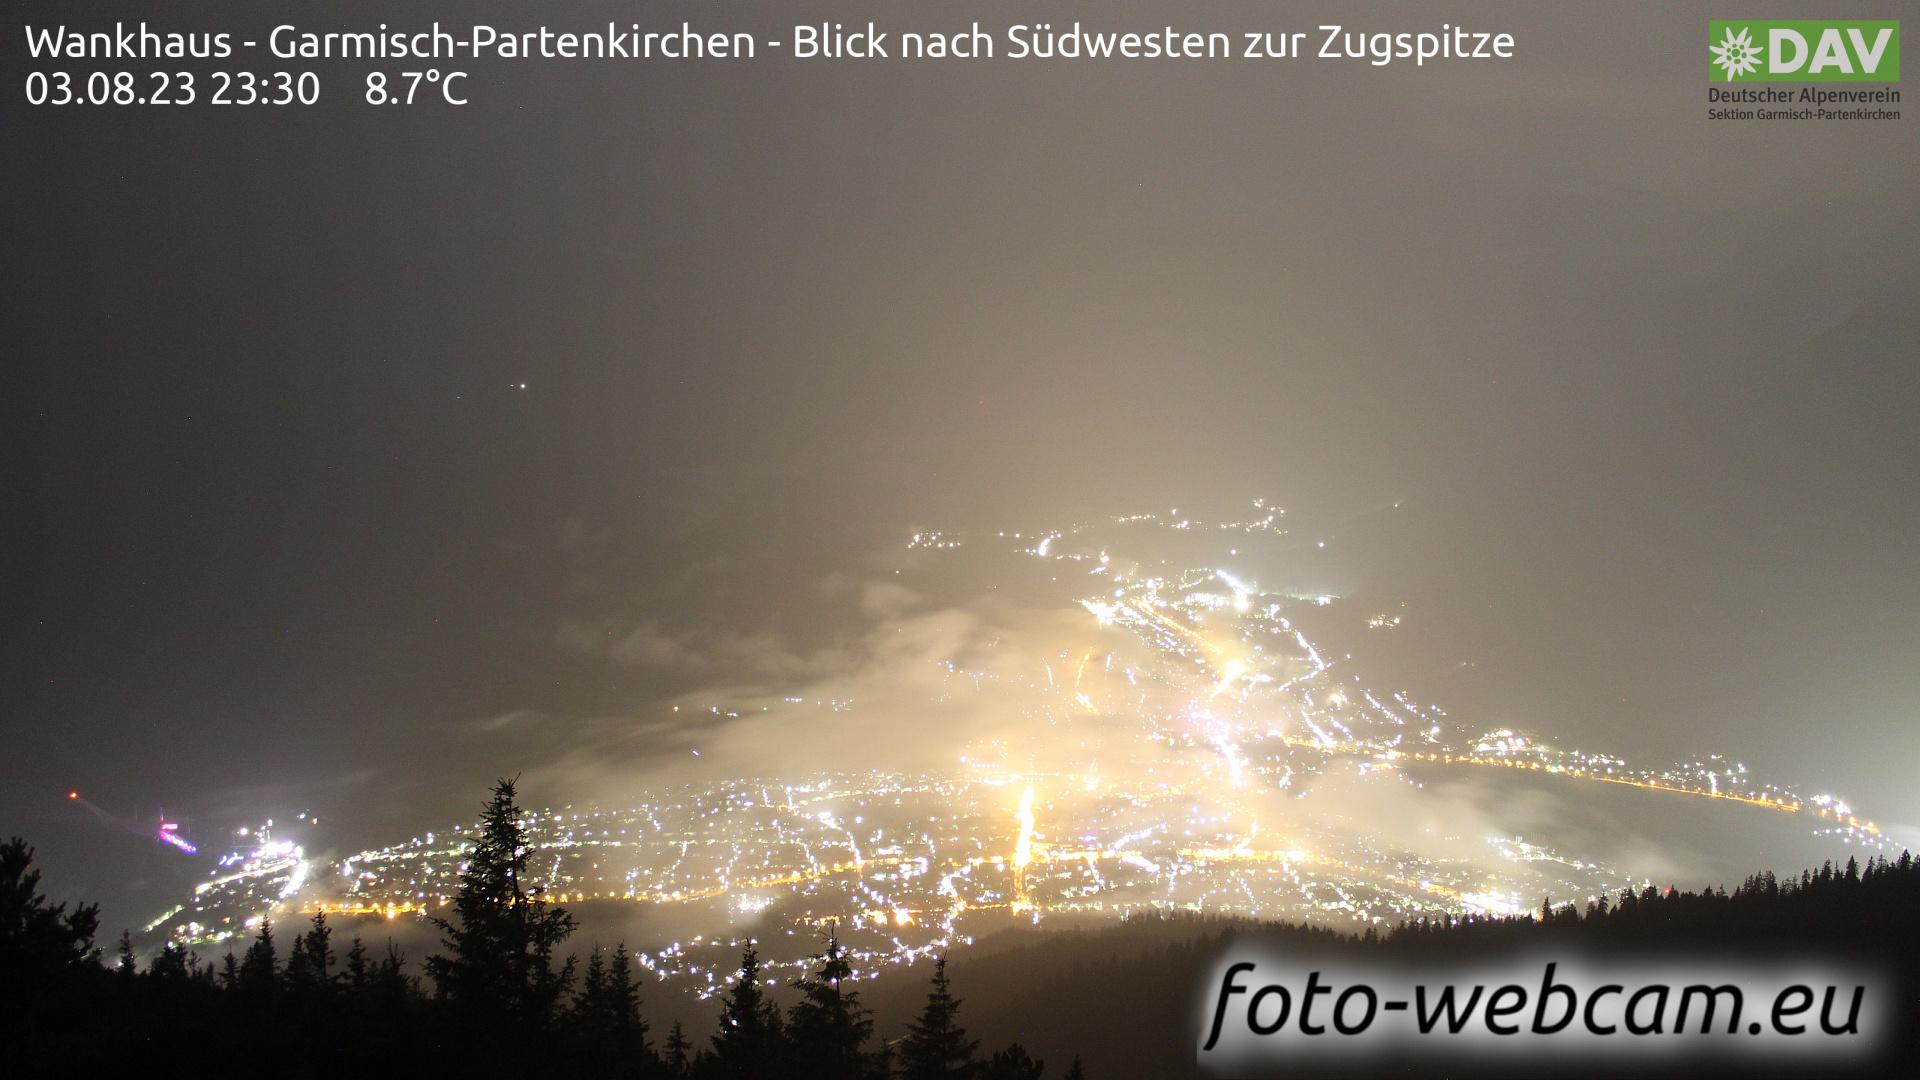 Garmisch-Partenkirchen Mon. 23:52